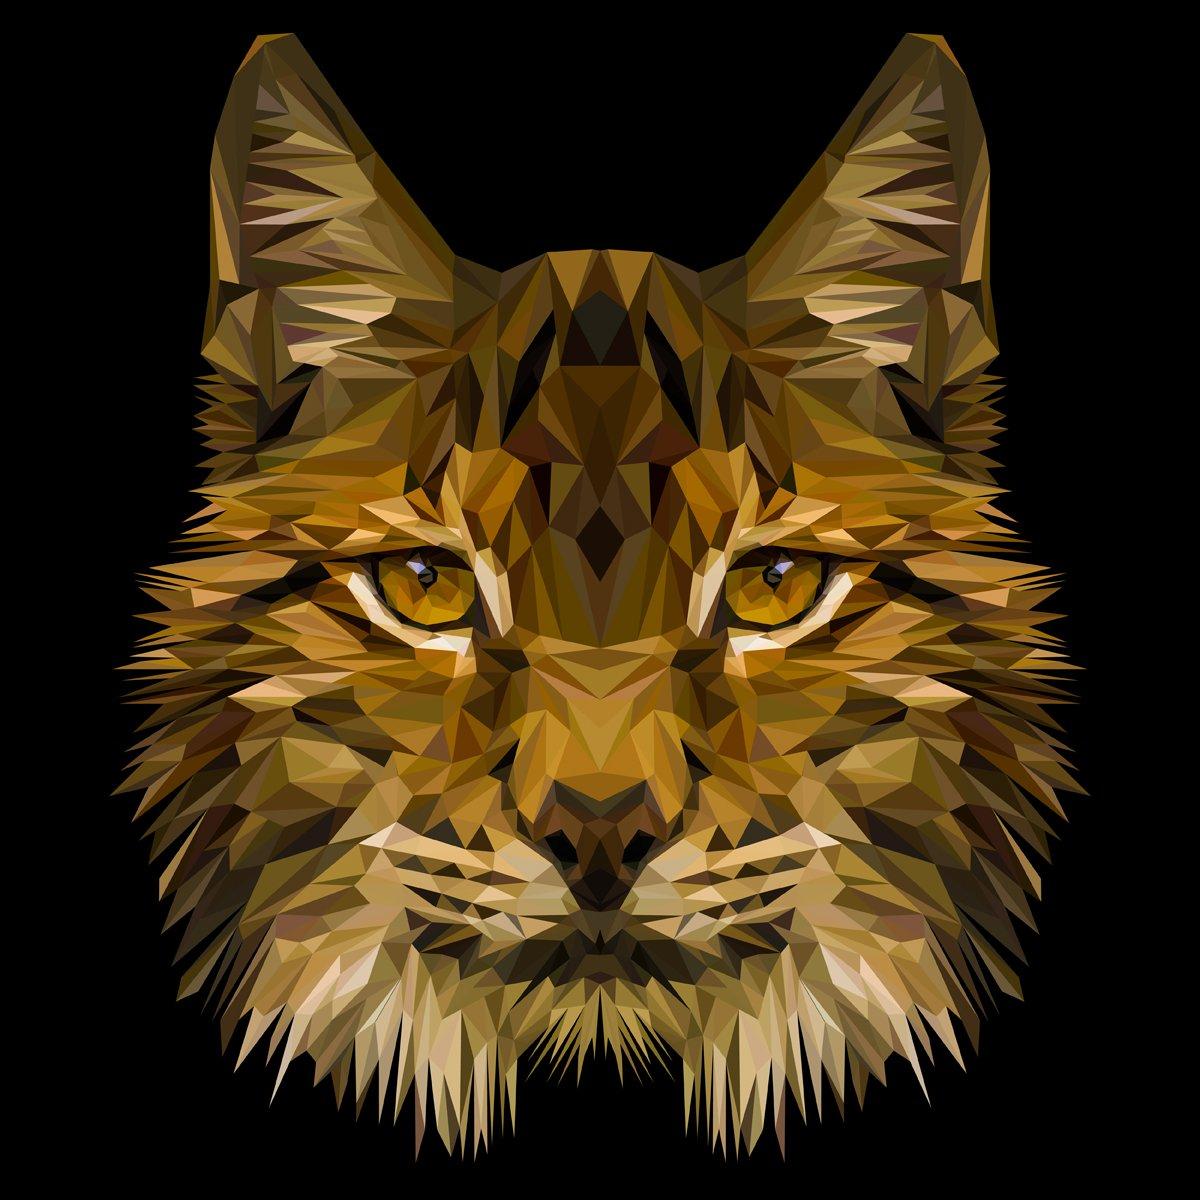 Постер-картина Полигональный арт Рысь кошка низкополигональная дизайн животное. Треугольник векторные иллюстрации.Полигональный арт<br>Постер на холсте или бумаге. Любого нужного вам размера. В раме или без. Подвес в комплекте. Трехслойная надежная упаковка. Доставим в любую точку России. Вам осталось только повесить картину на стену!<br>